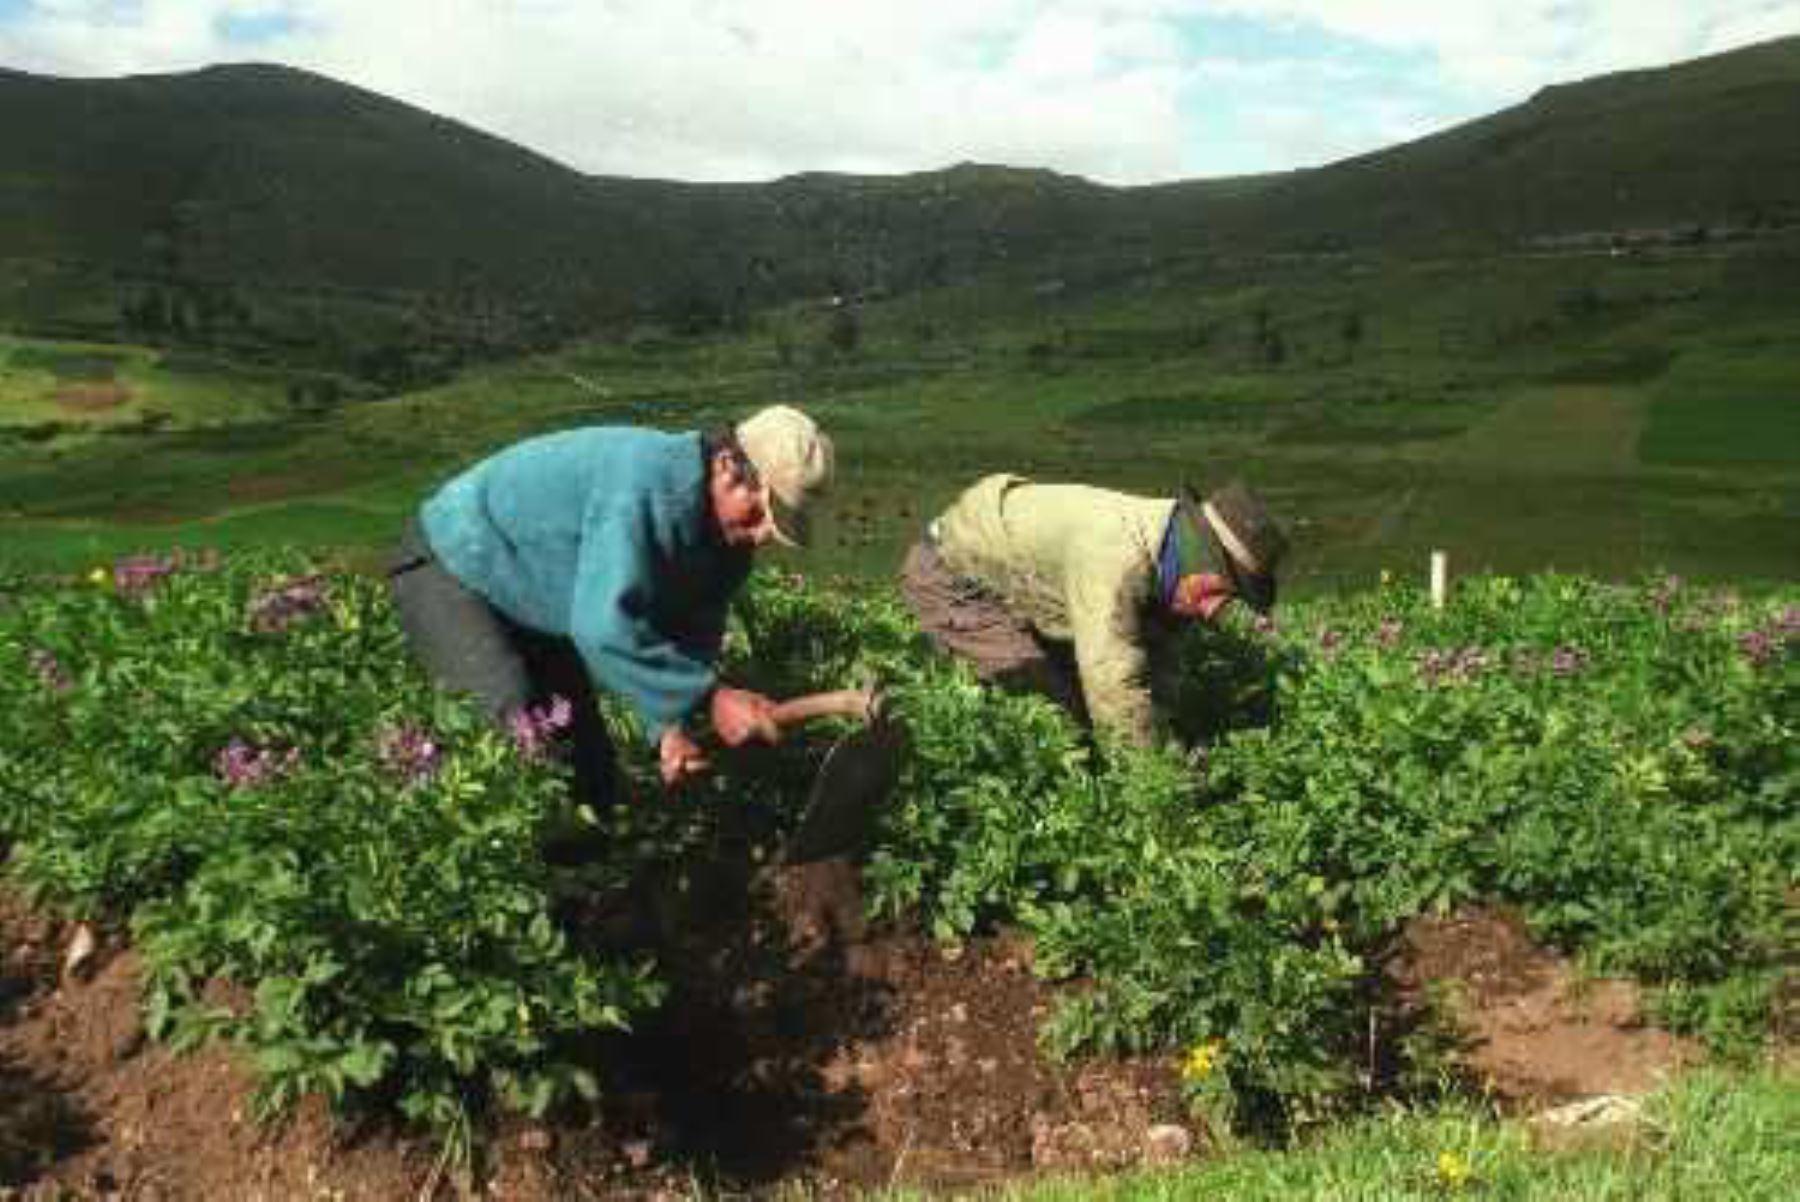 Los pequeños y medianos productores de las regiones de Cusco, Junín, Piura y San Martín, en una primera etapa, y luego los 25 departamentos del país, accederán gratis a información agropecuaria precisa y actualizada mediante el uso de las tecnologías de la información y comunicación (TICs) para optimizar la producción y comercialización de sus cultivos. ANDINA/Vidal Tarqui